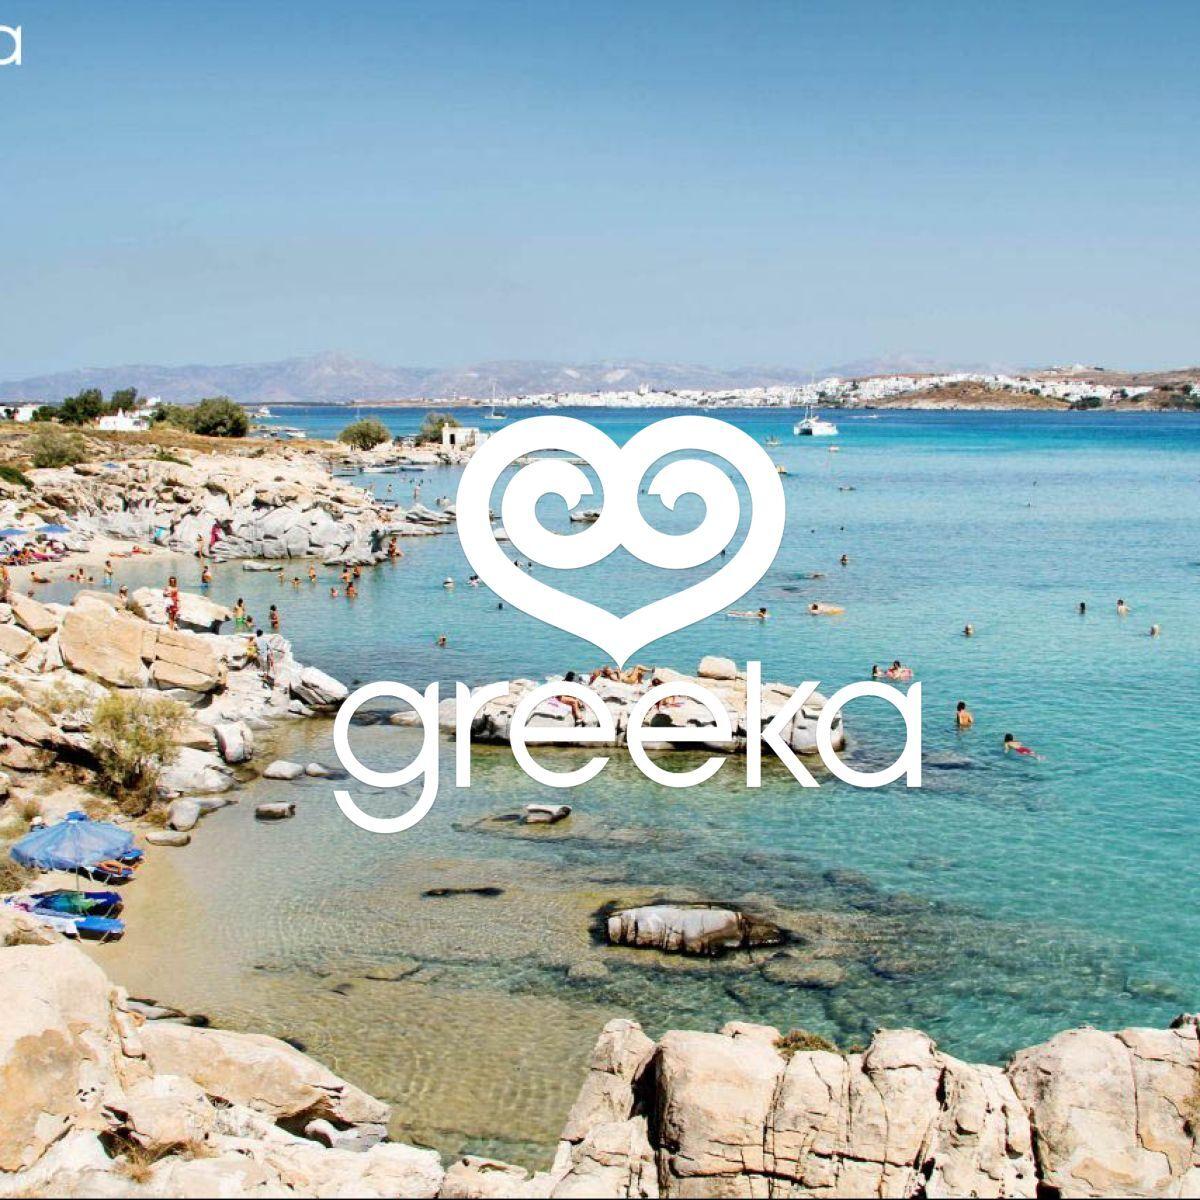 Paros Beaches: Paros Kolymbithres - Paros Beaches